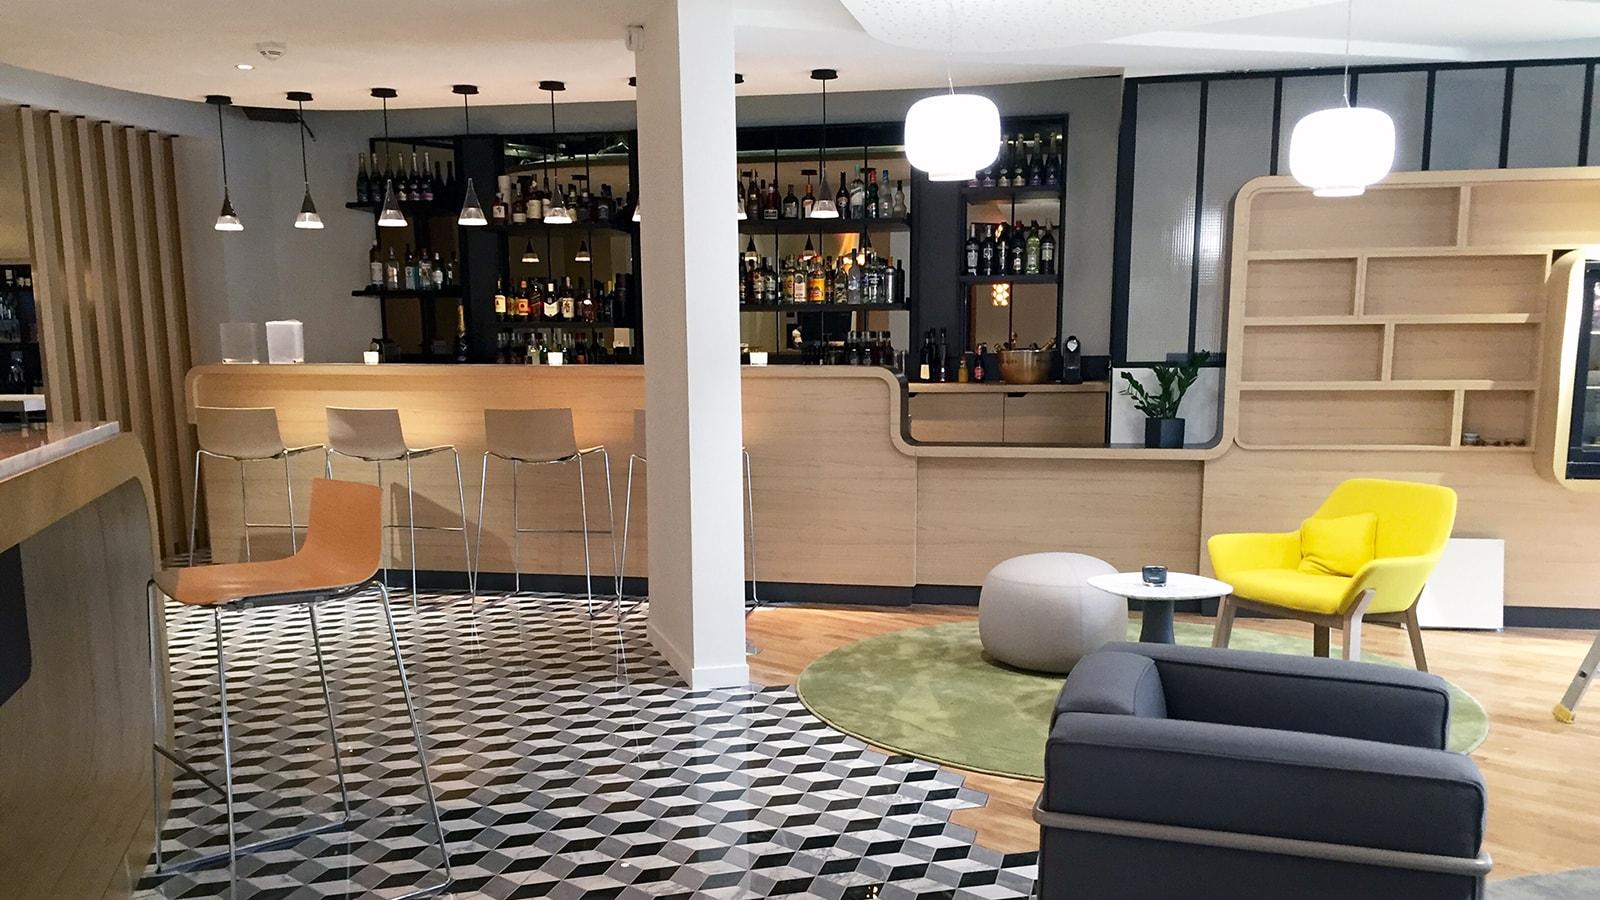 EFI Design Hotel Mercure Nantes Efi Design (8) 1205